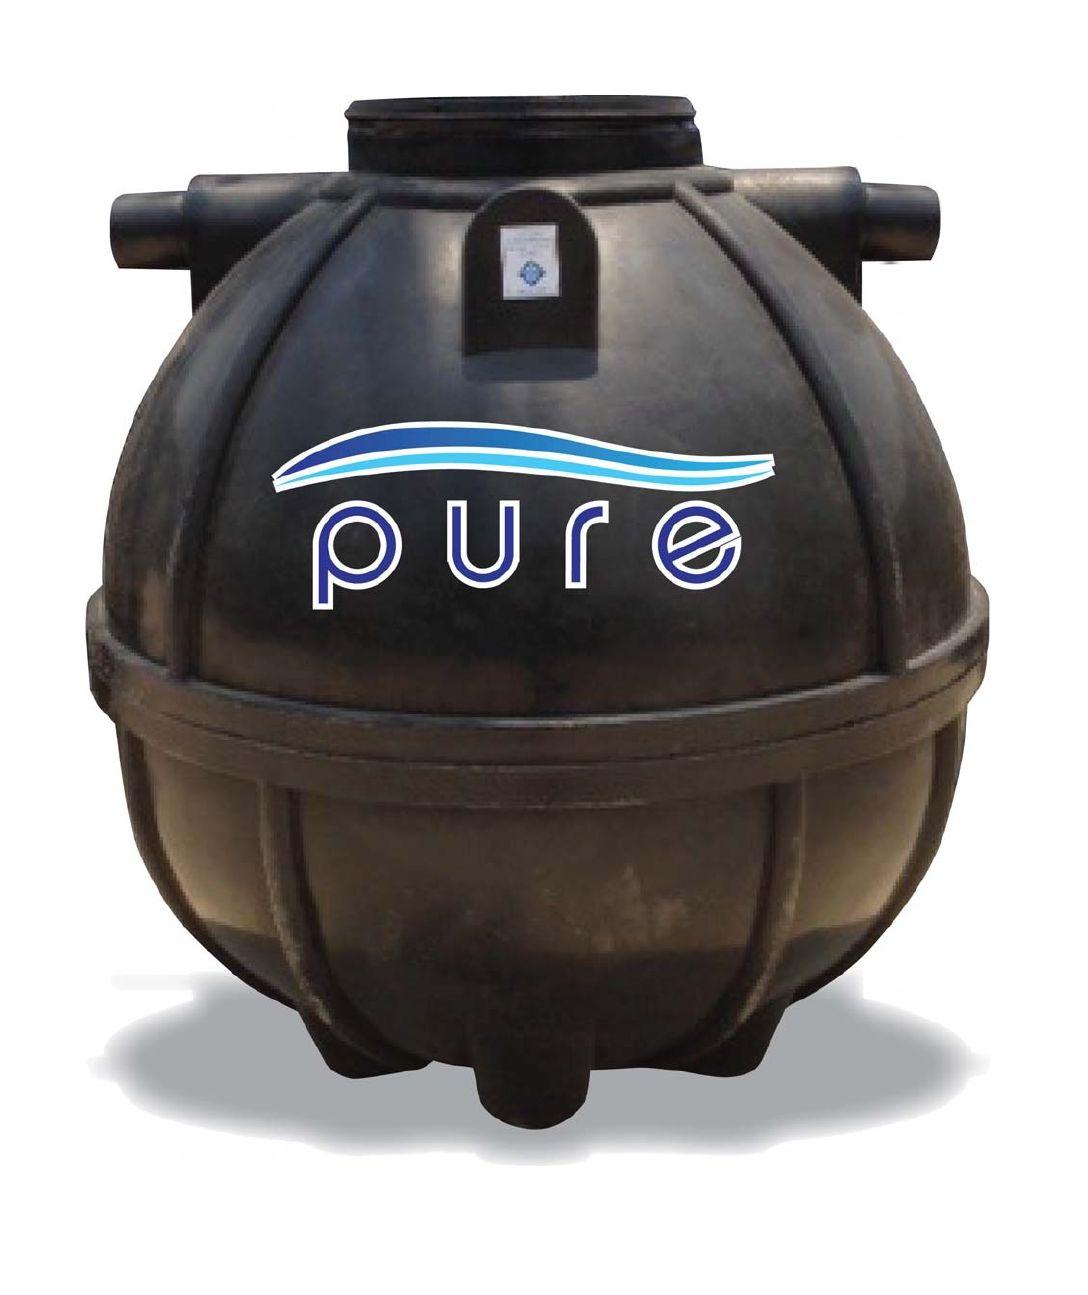 ถังบำบัดน้ำเสียเกรอะกรองรวมแบบไร้อากาศ PURE รุ่น PS-4000 (ขนาด 4000 ลิตร)